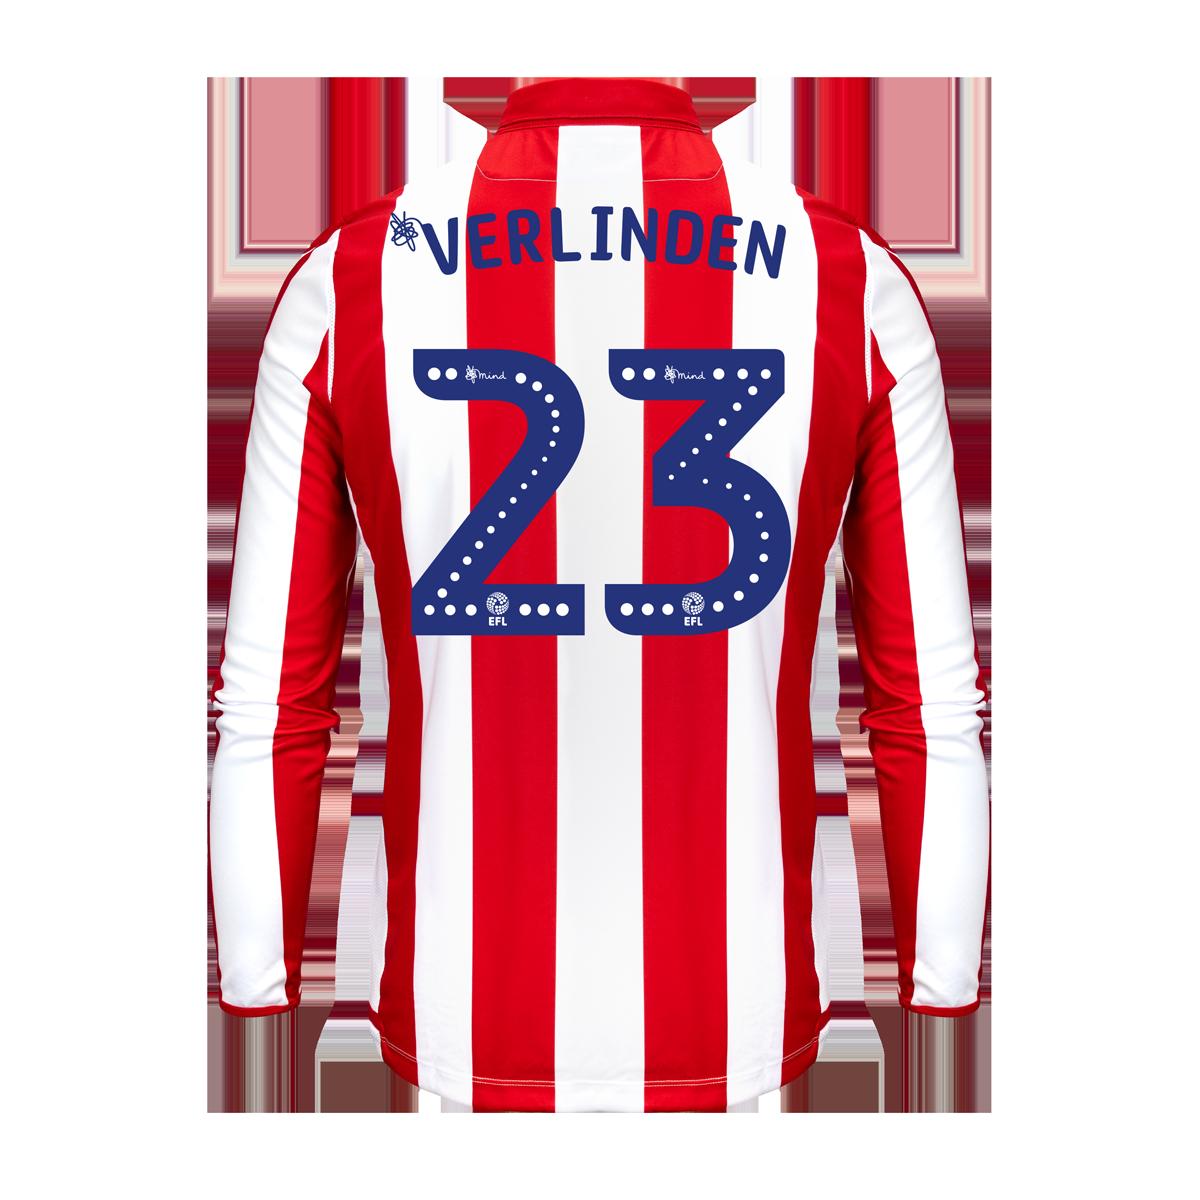 2019/20 Adult Home LS Shirt - Verlinden